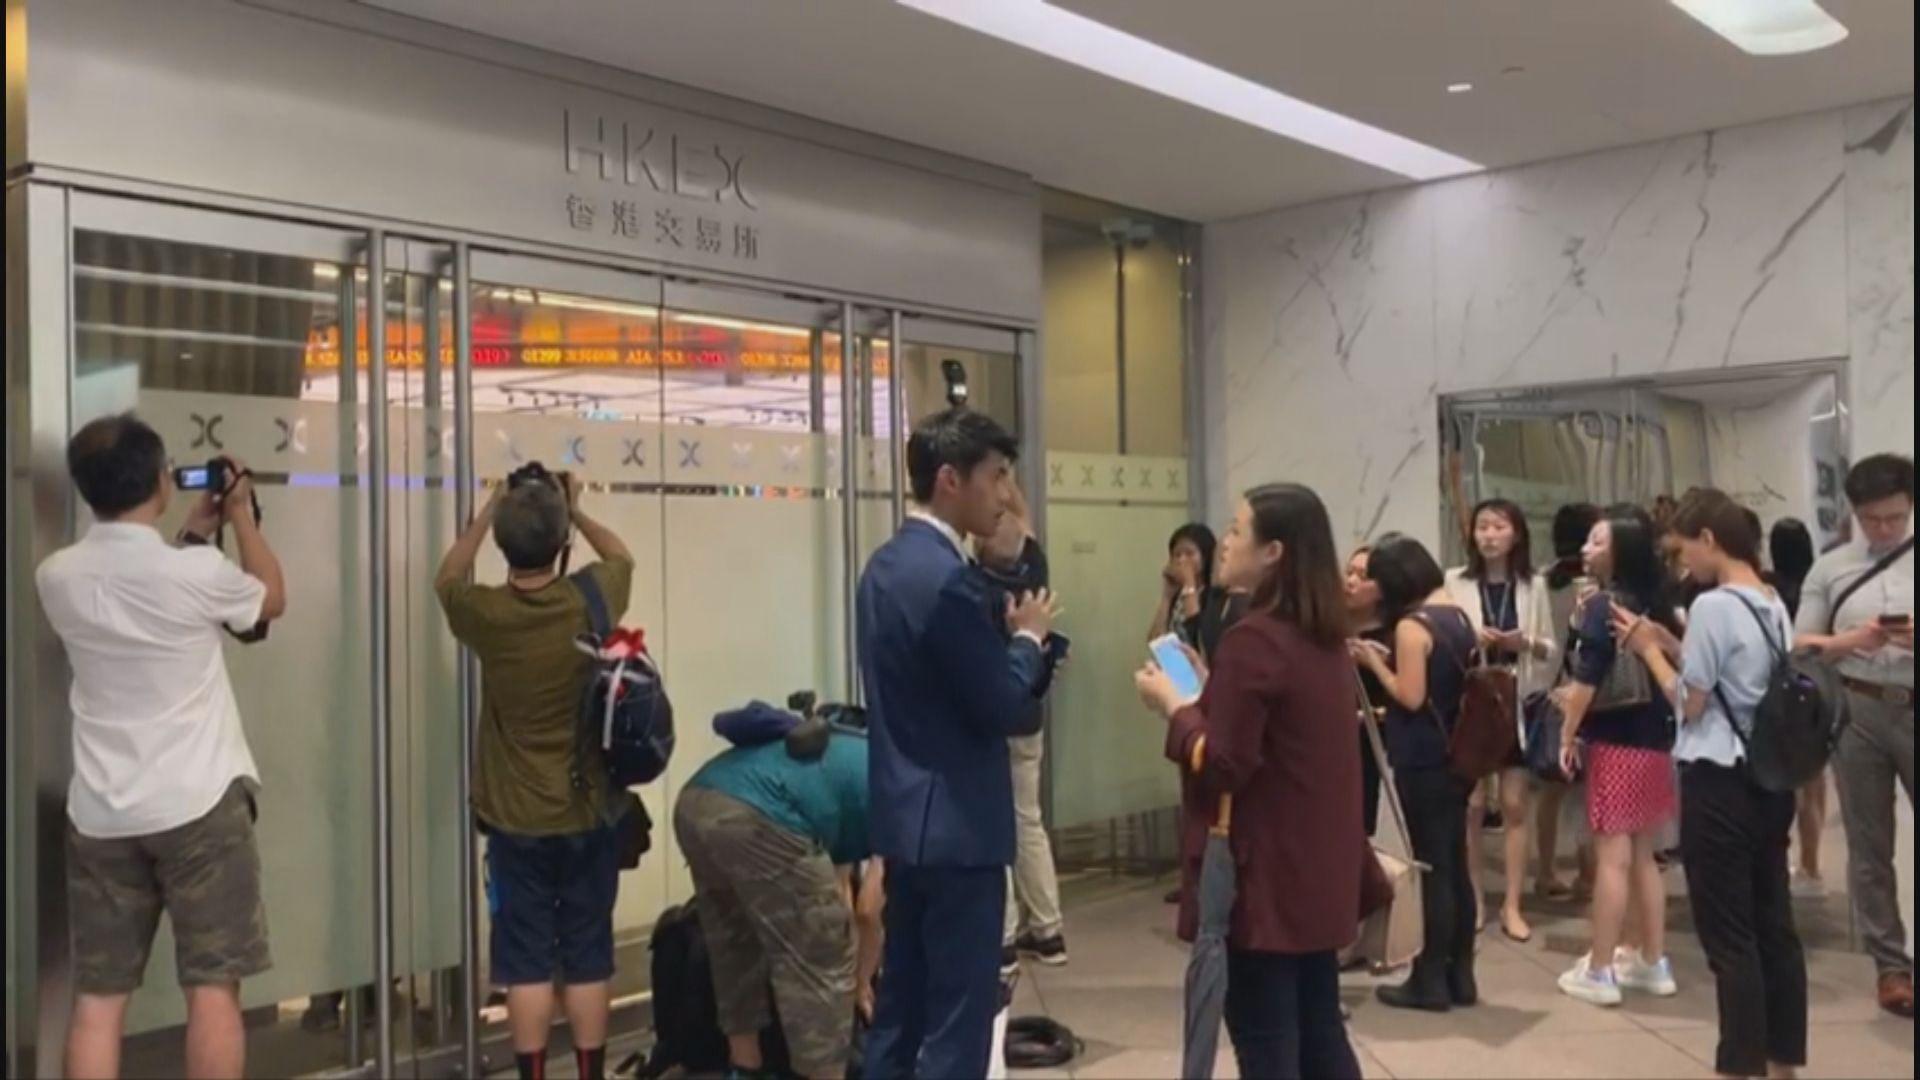 【修例風波】港交所上市19周年酒會延期舉行